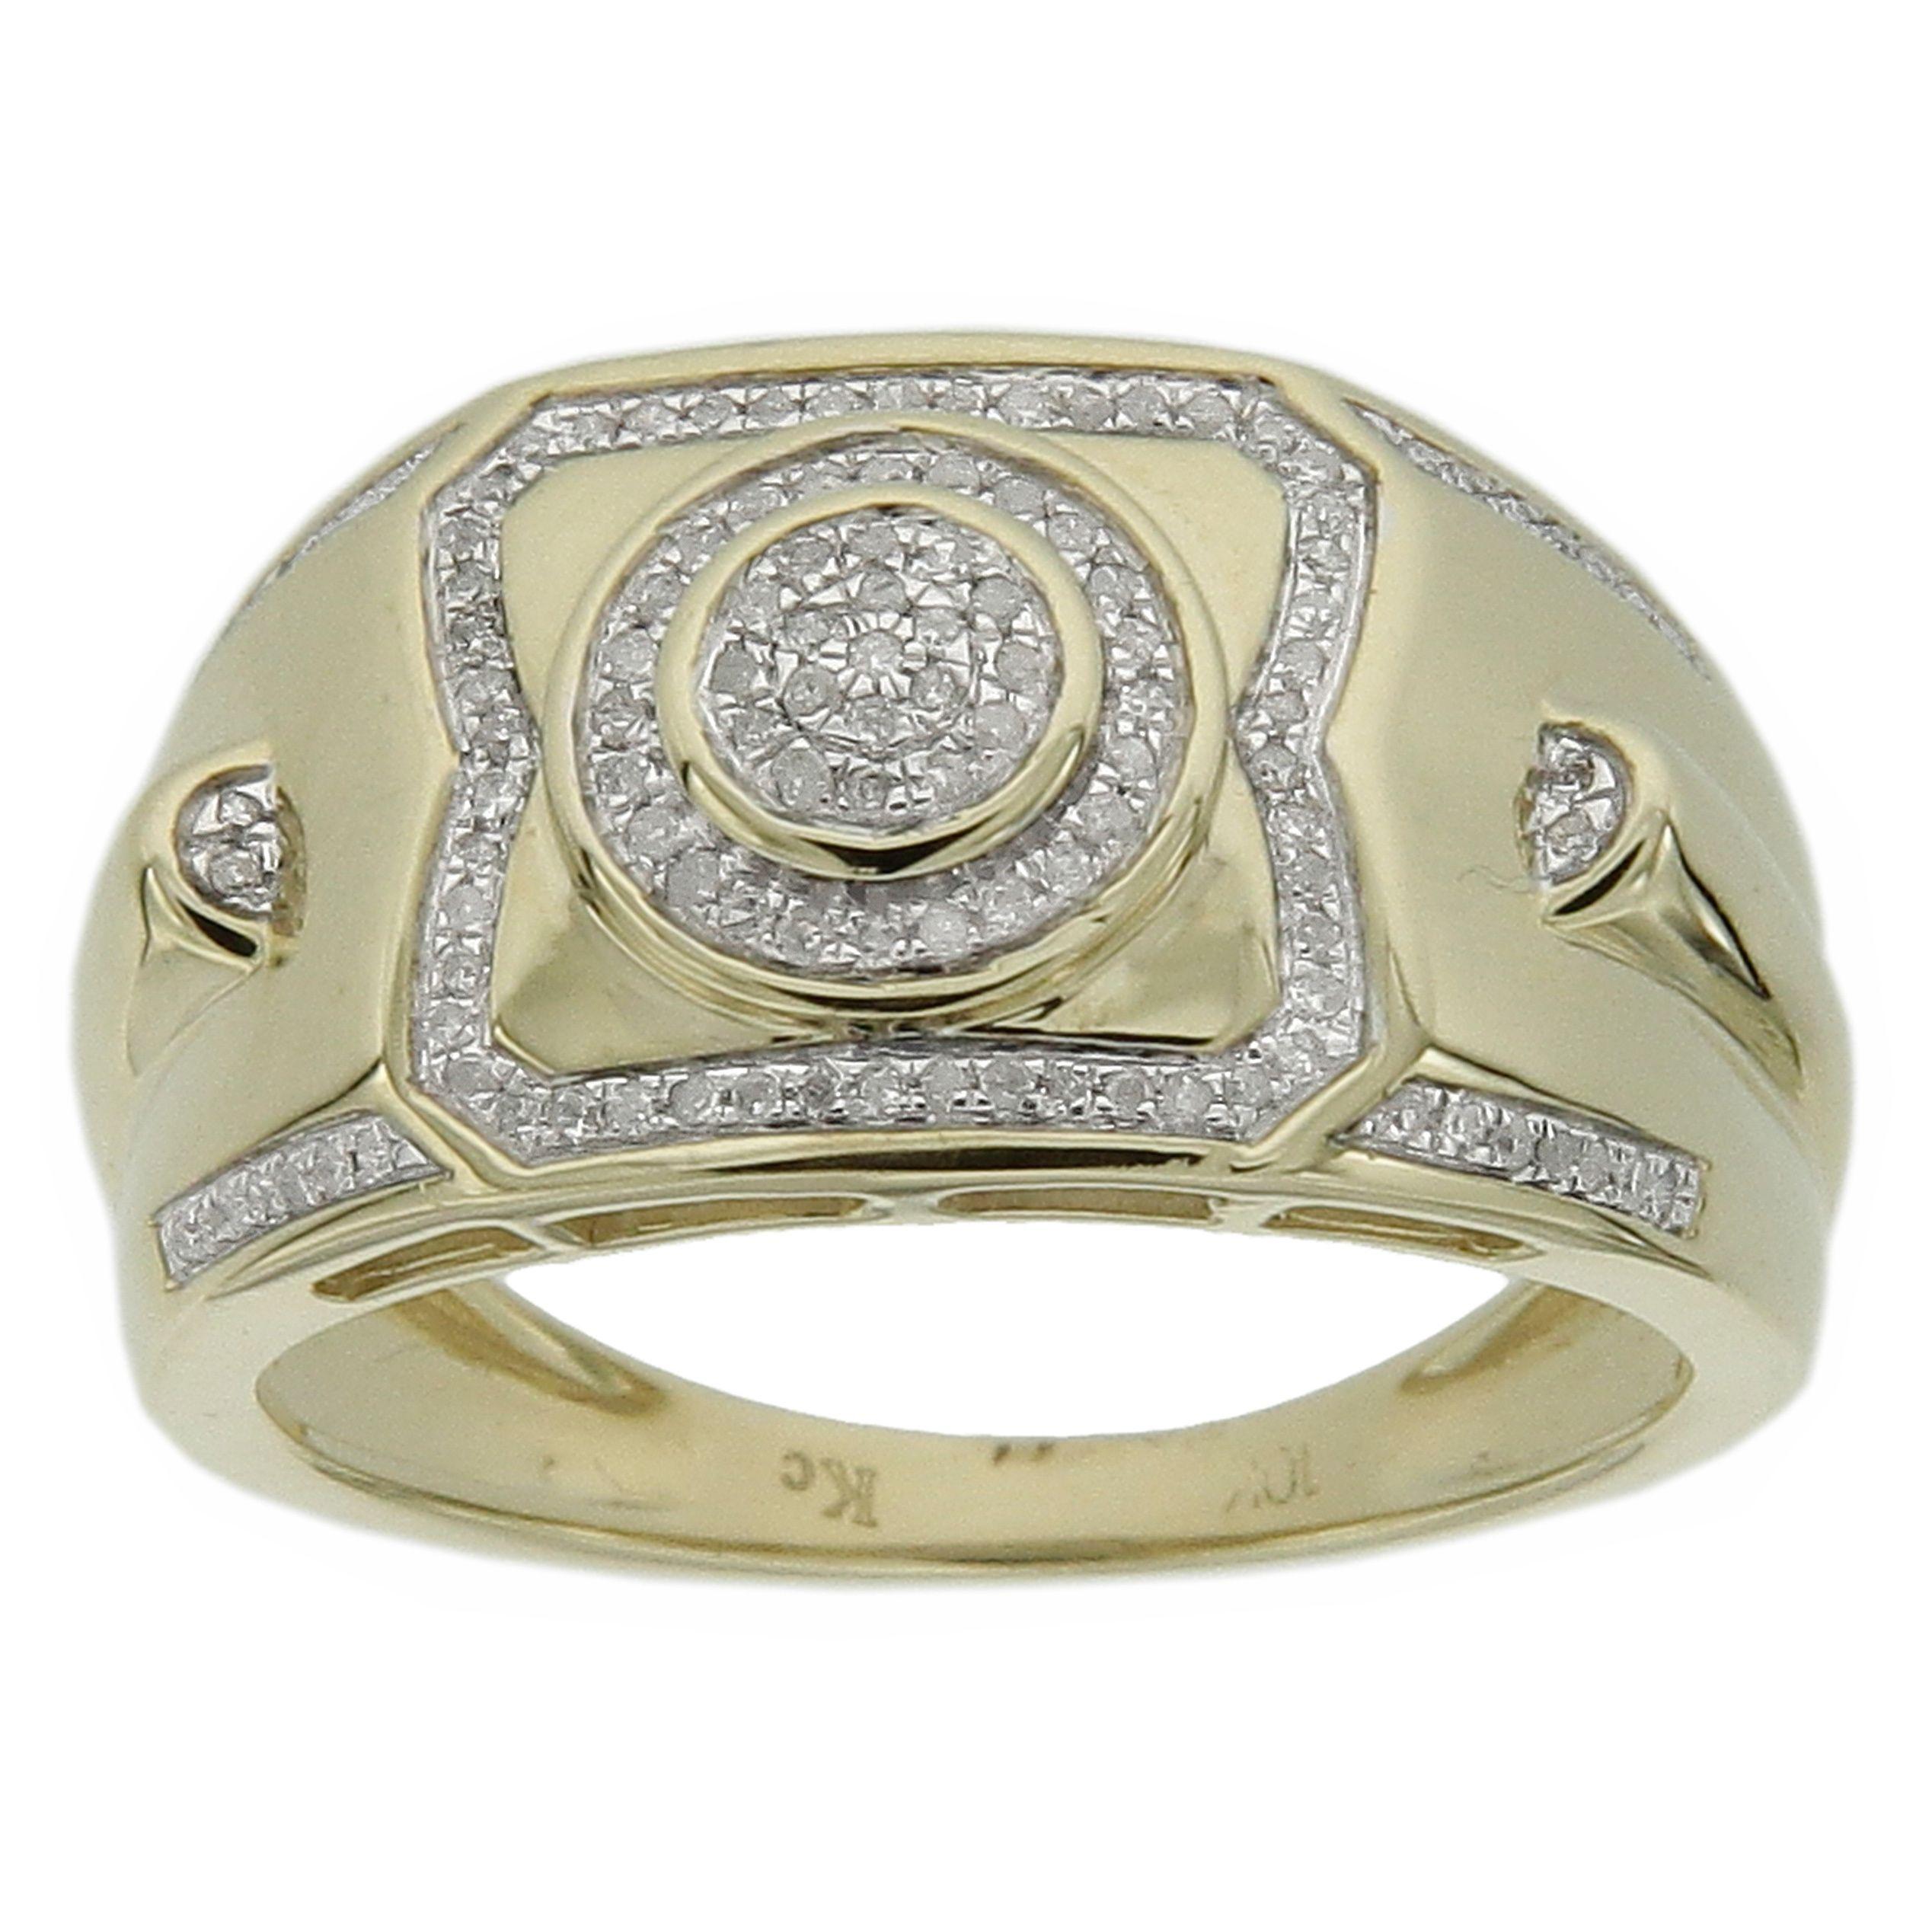 Men's 10k Gold Men's 1/4ct TDW Diamond Ring